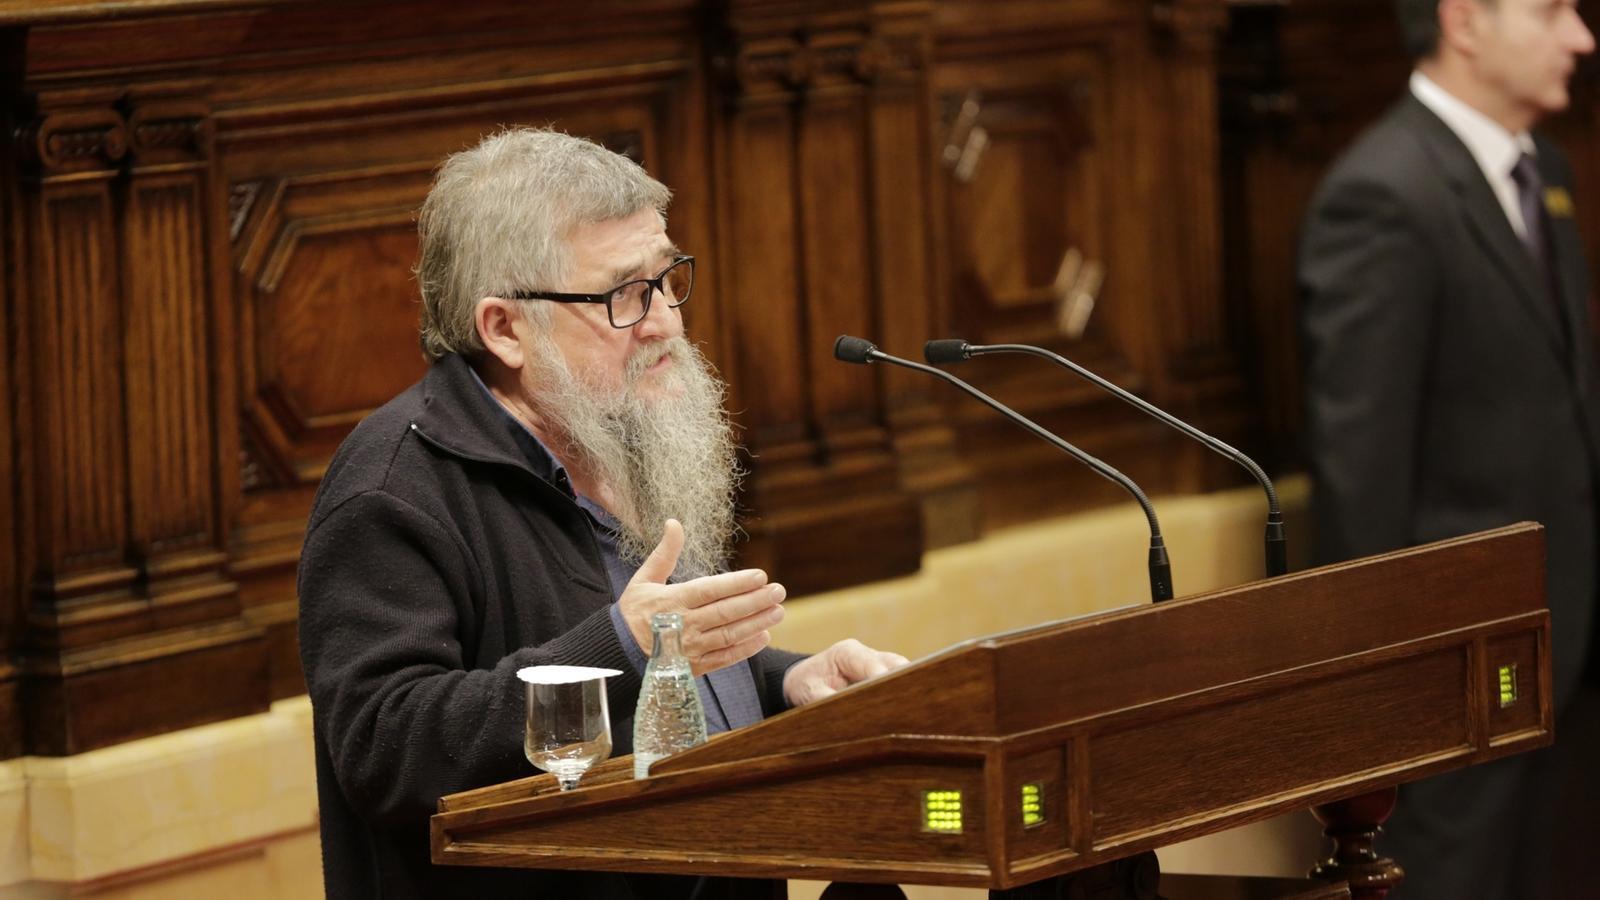 [Govern] Proposta de revocació de Daniel de Alfonso, com a director de l'Oficina Antifrau de Catalunya CUP-Joan-Garriga-CRISTINA-CALDERER_1507659371_324545_540x306